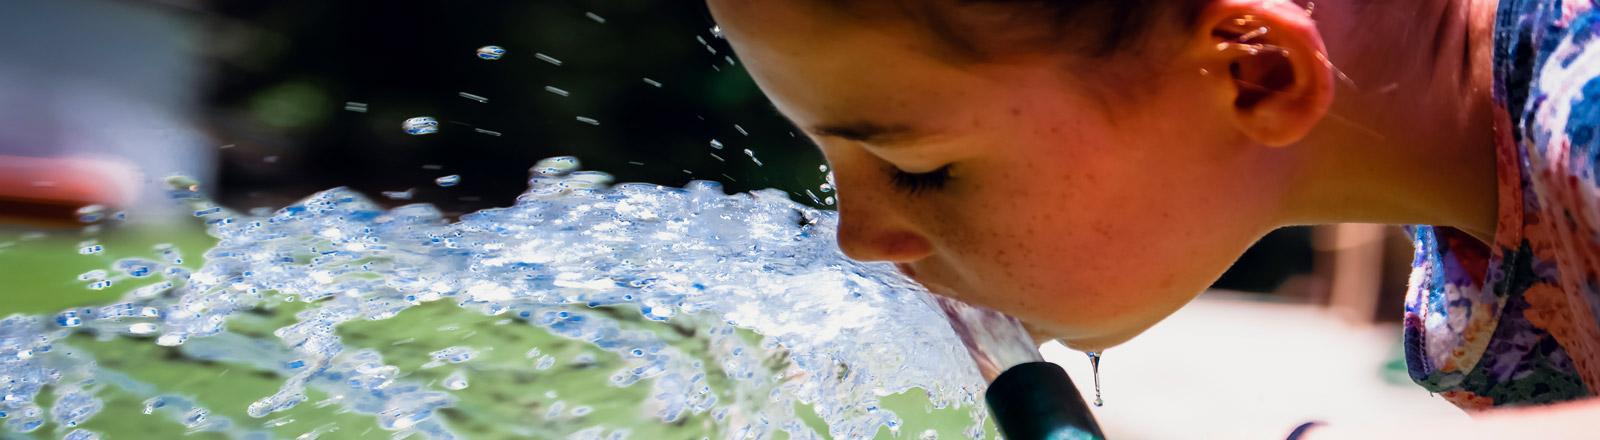 Ein Mädchen trinkt aus einem Gartenschlauch Wasser